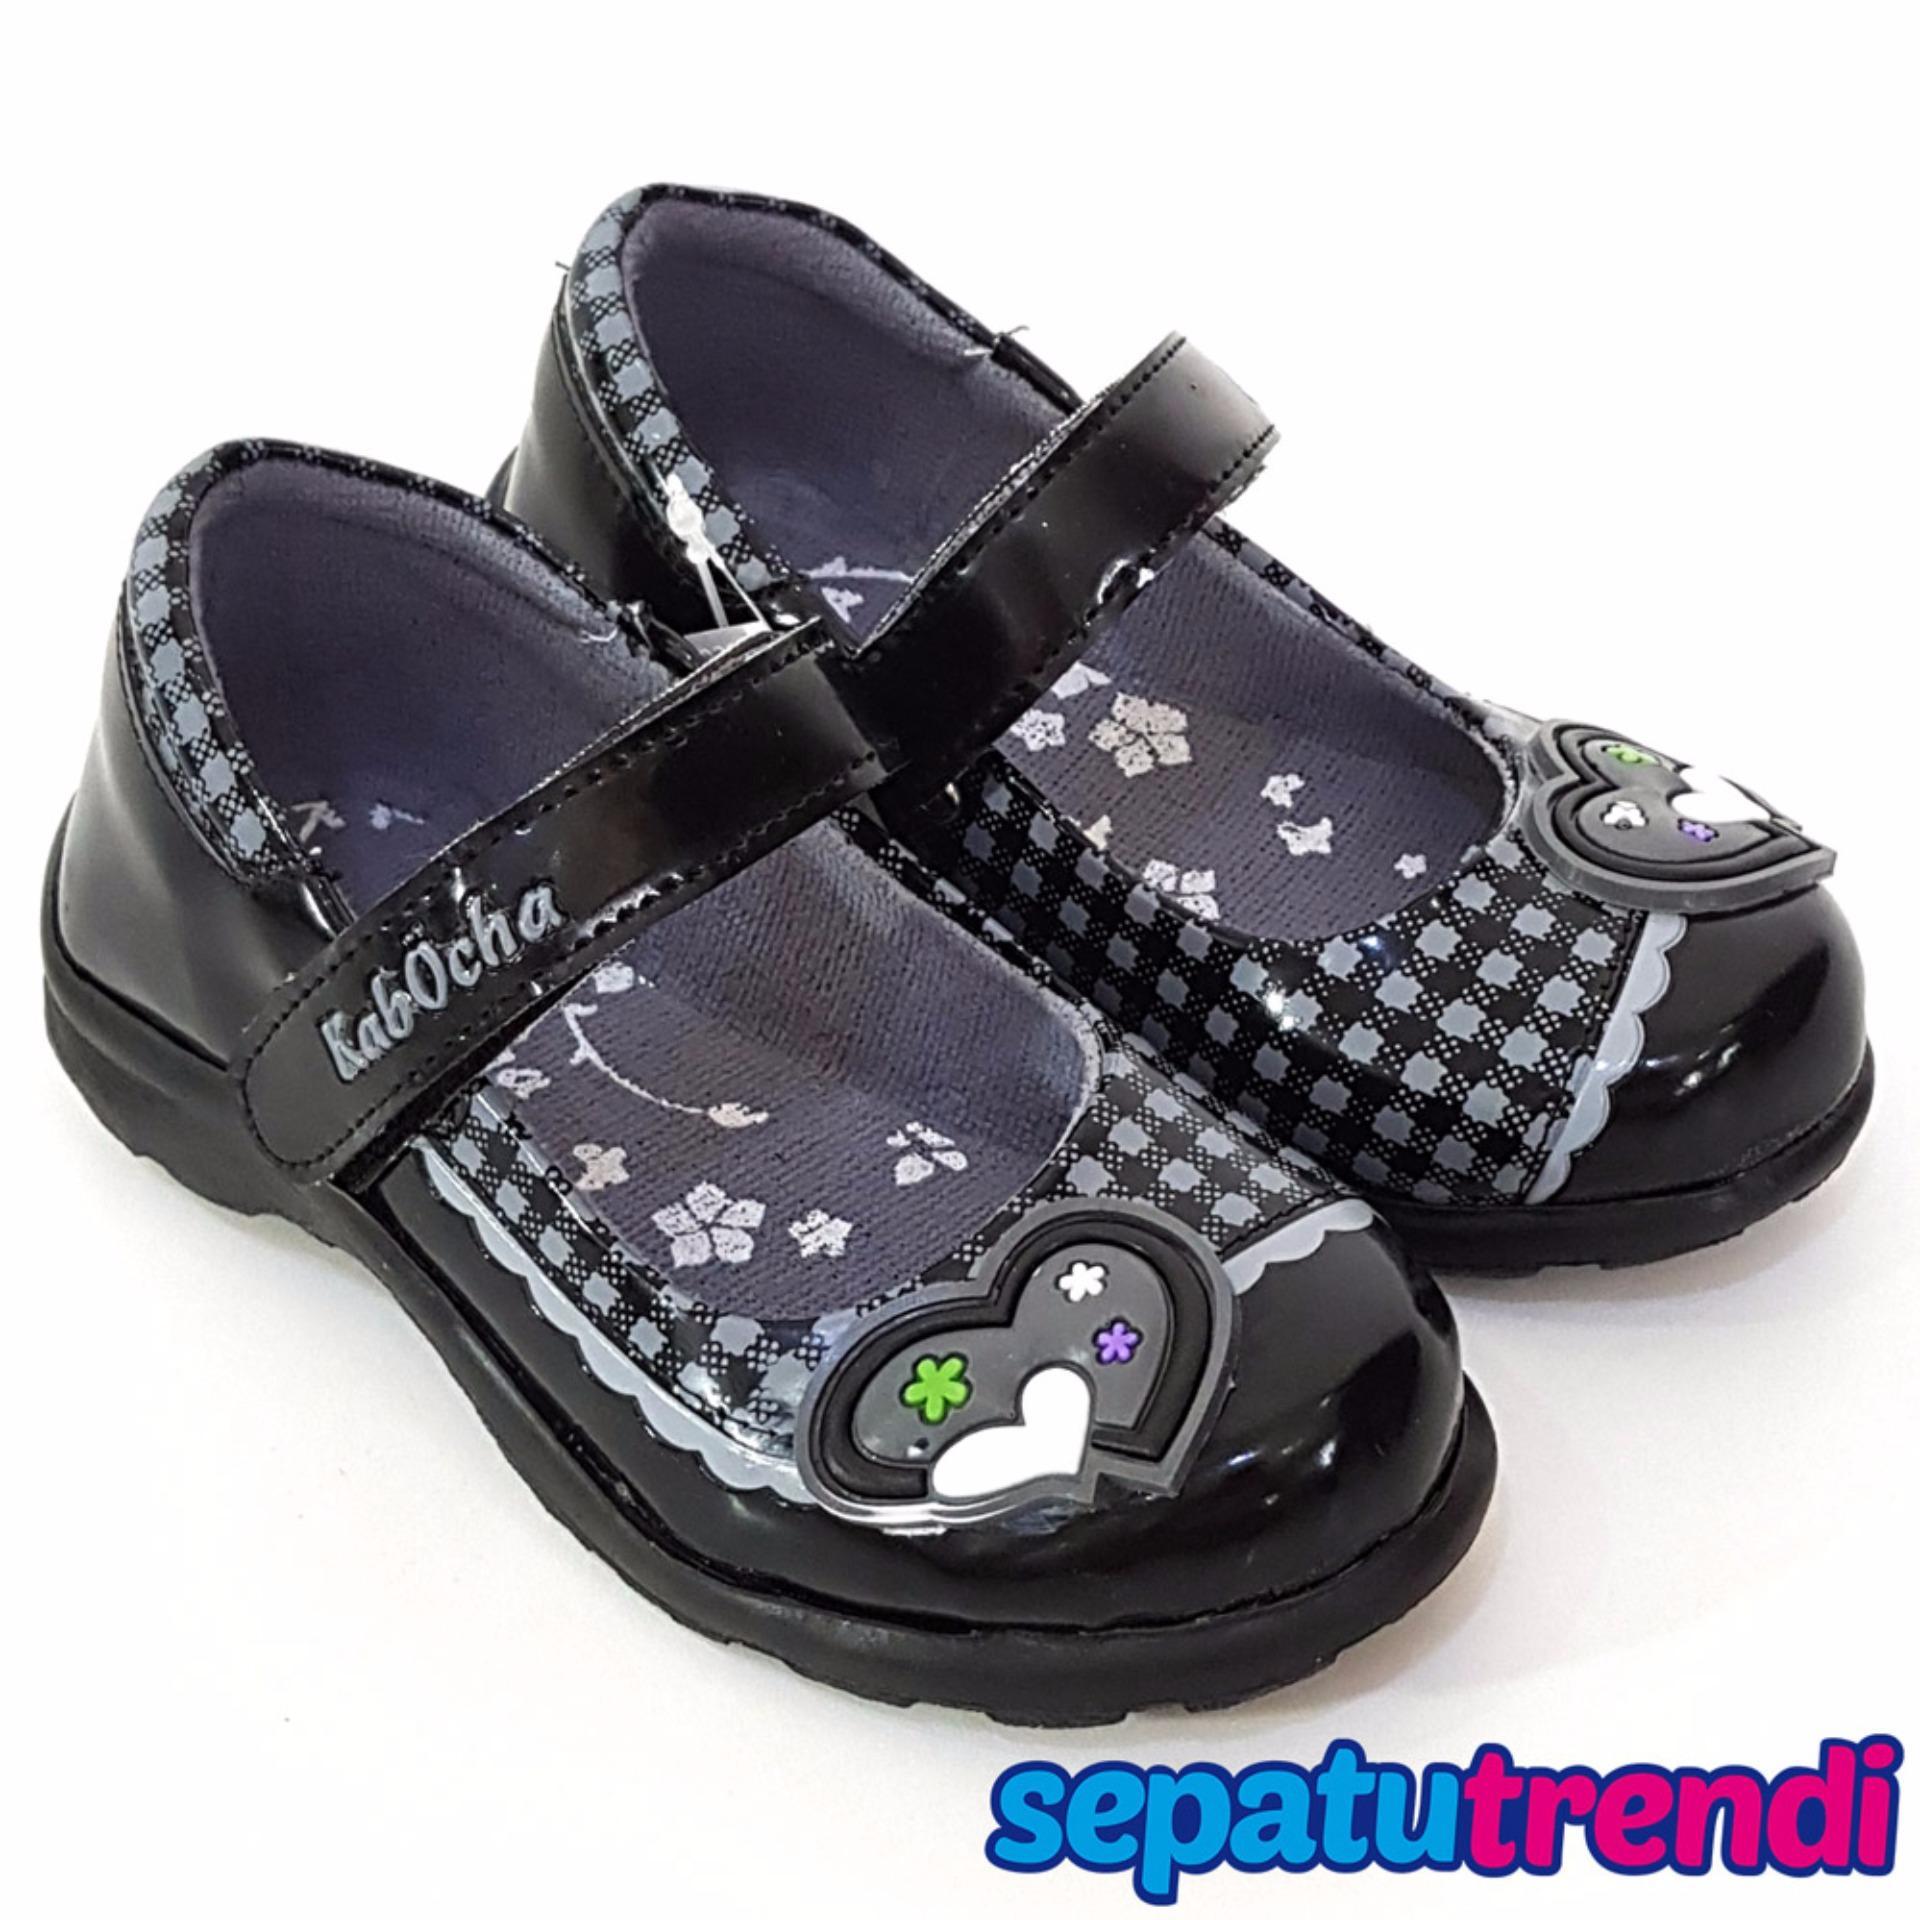 Jual Trendishoes Sepatu Sekolah Anak Perempuan Mary Jane Motif Boneka Random Kvb01 Hitam Branded Murah